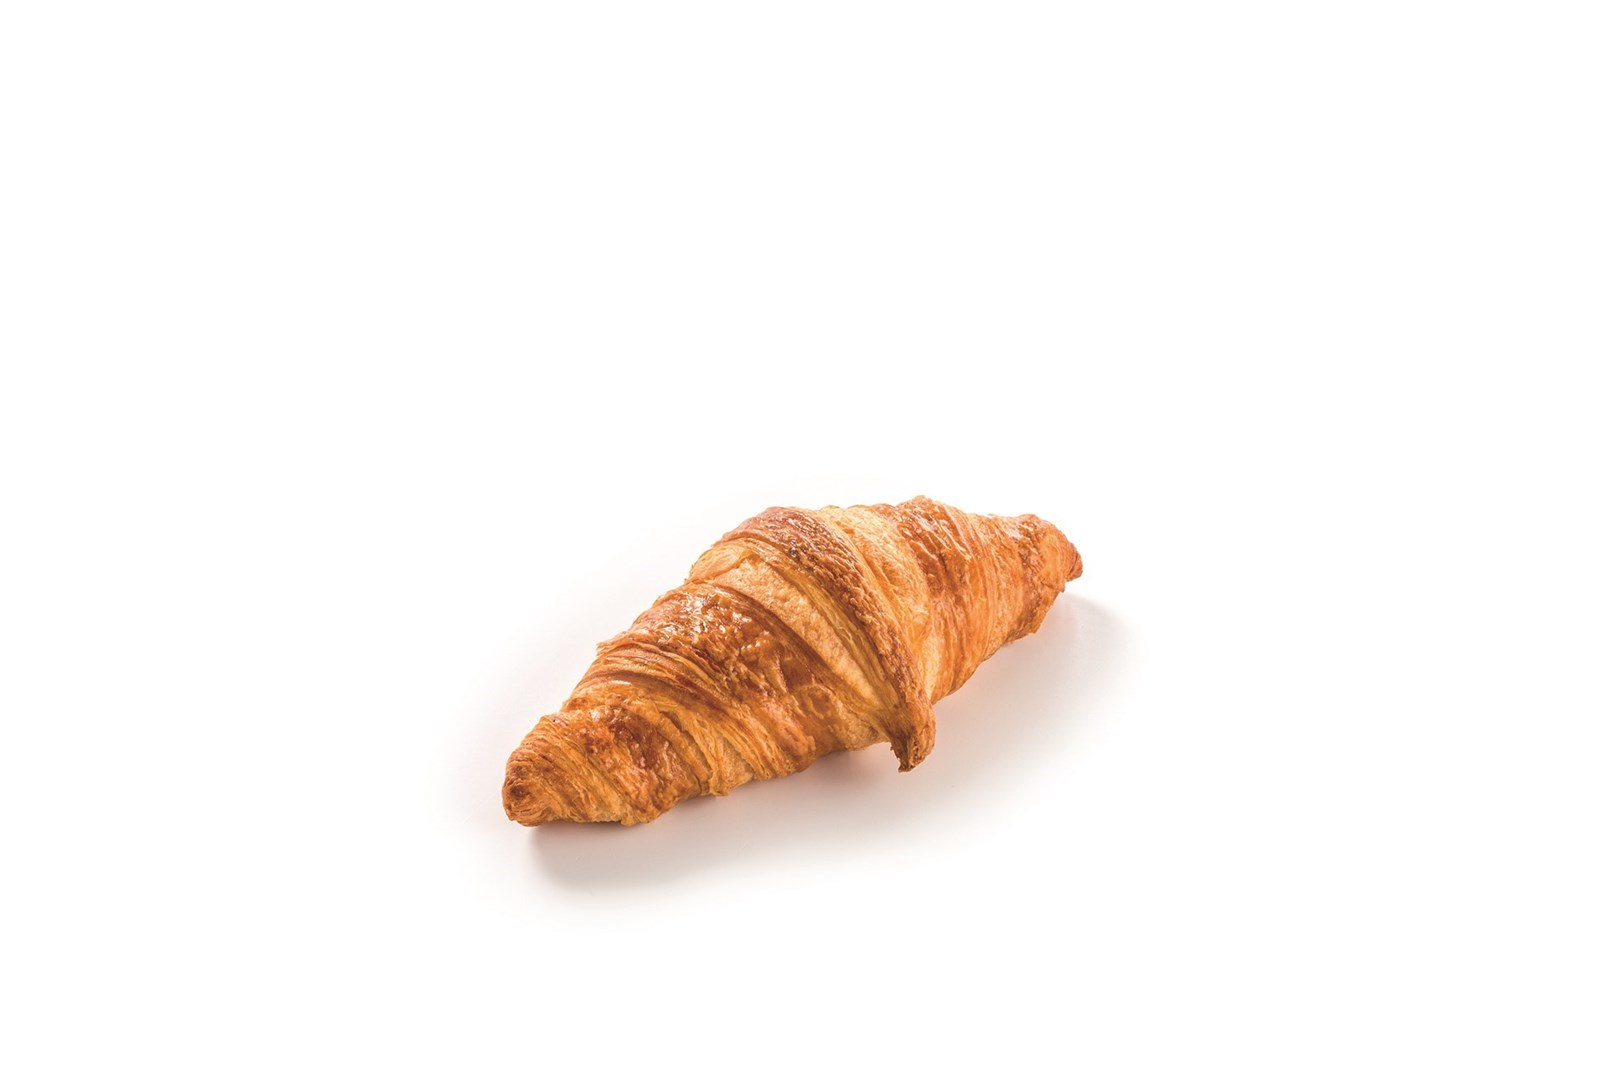 Productafbeelding Croissant Artisanal au Beurre